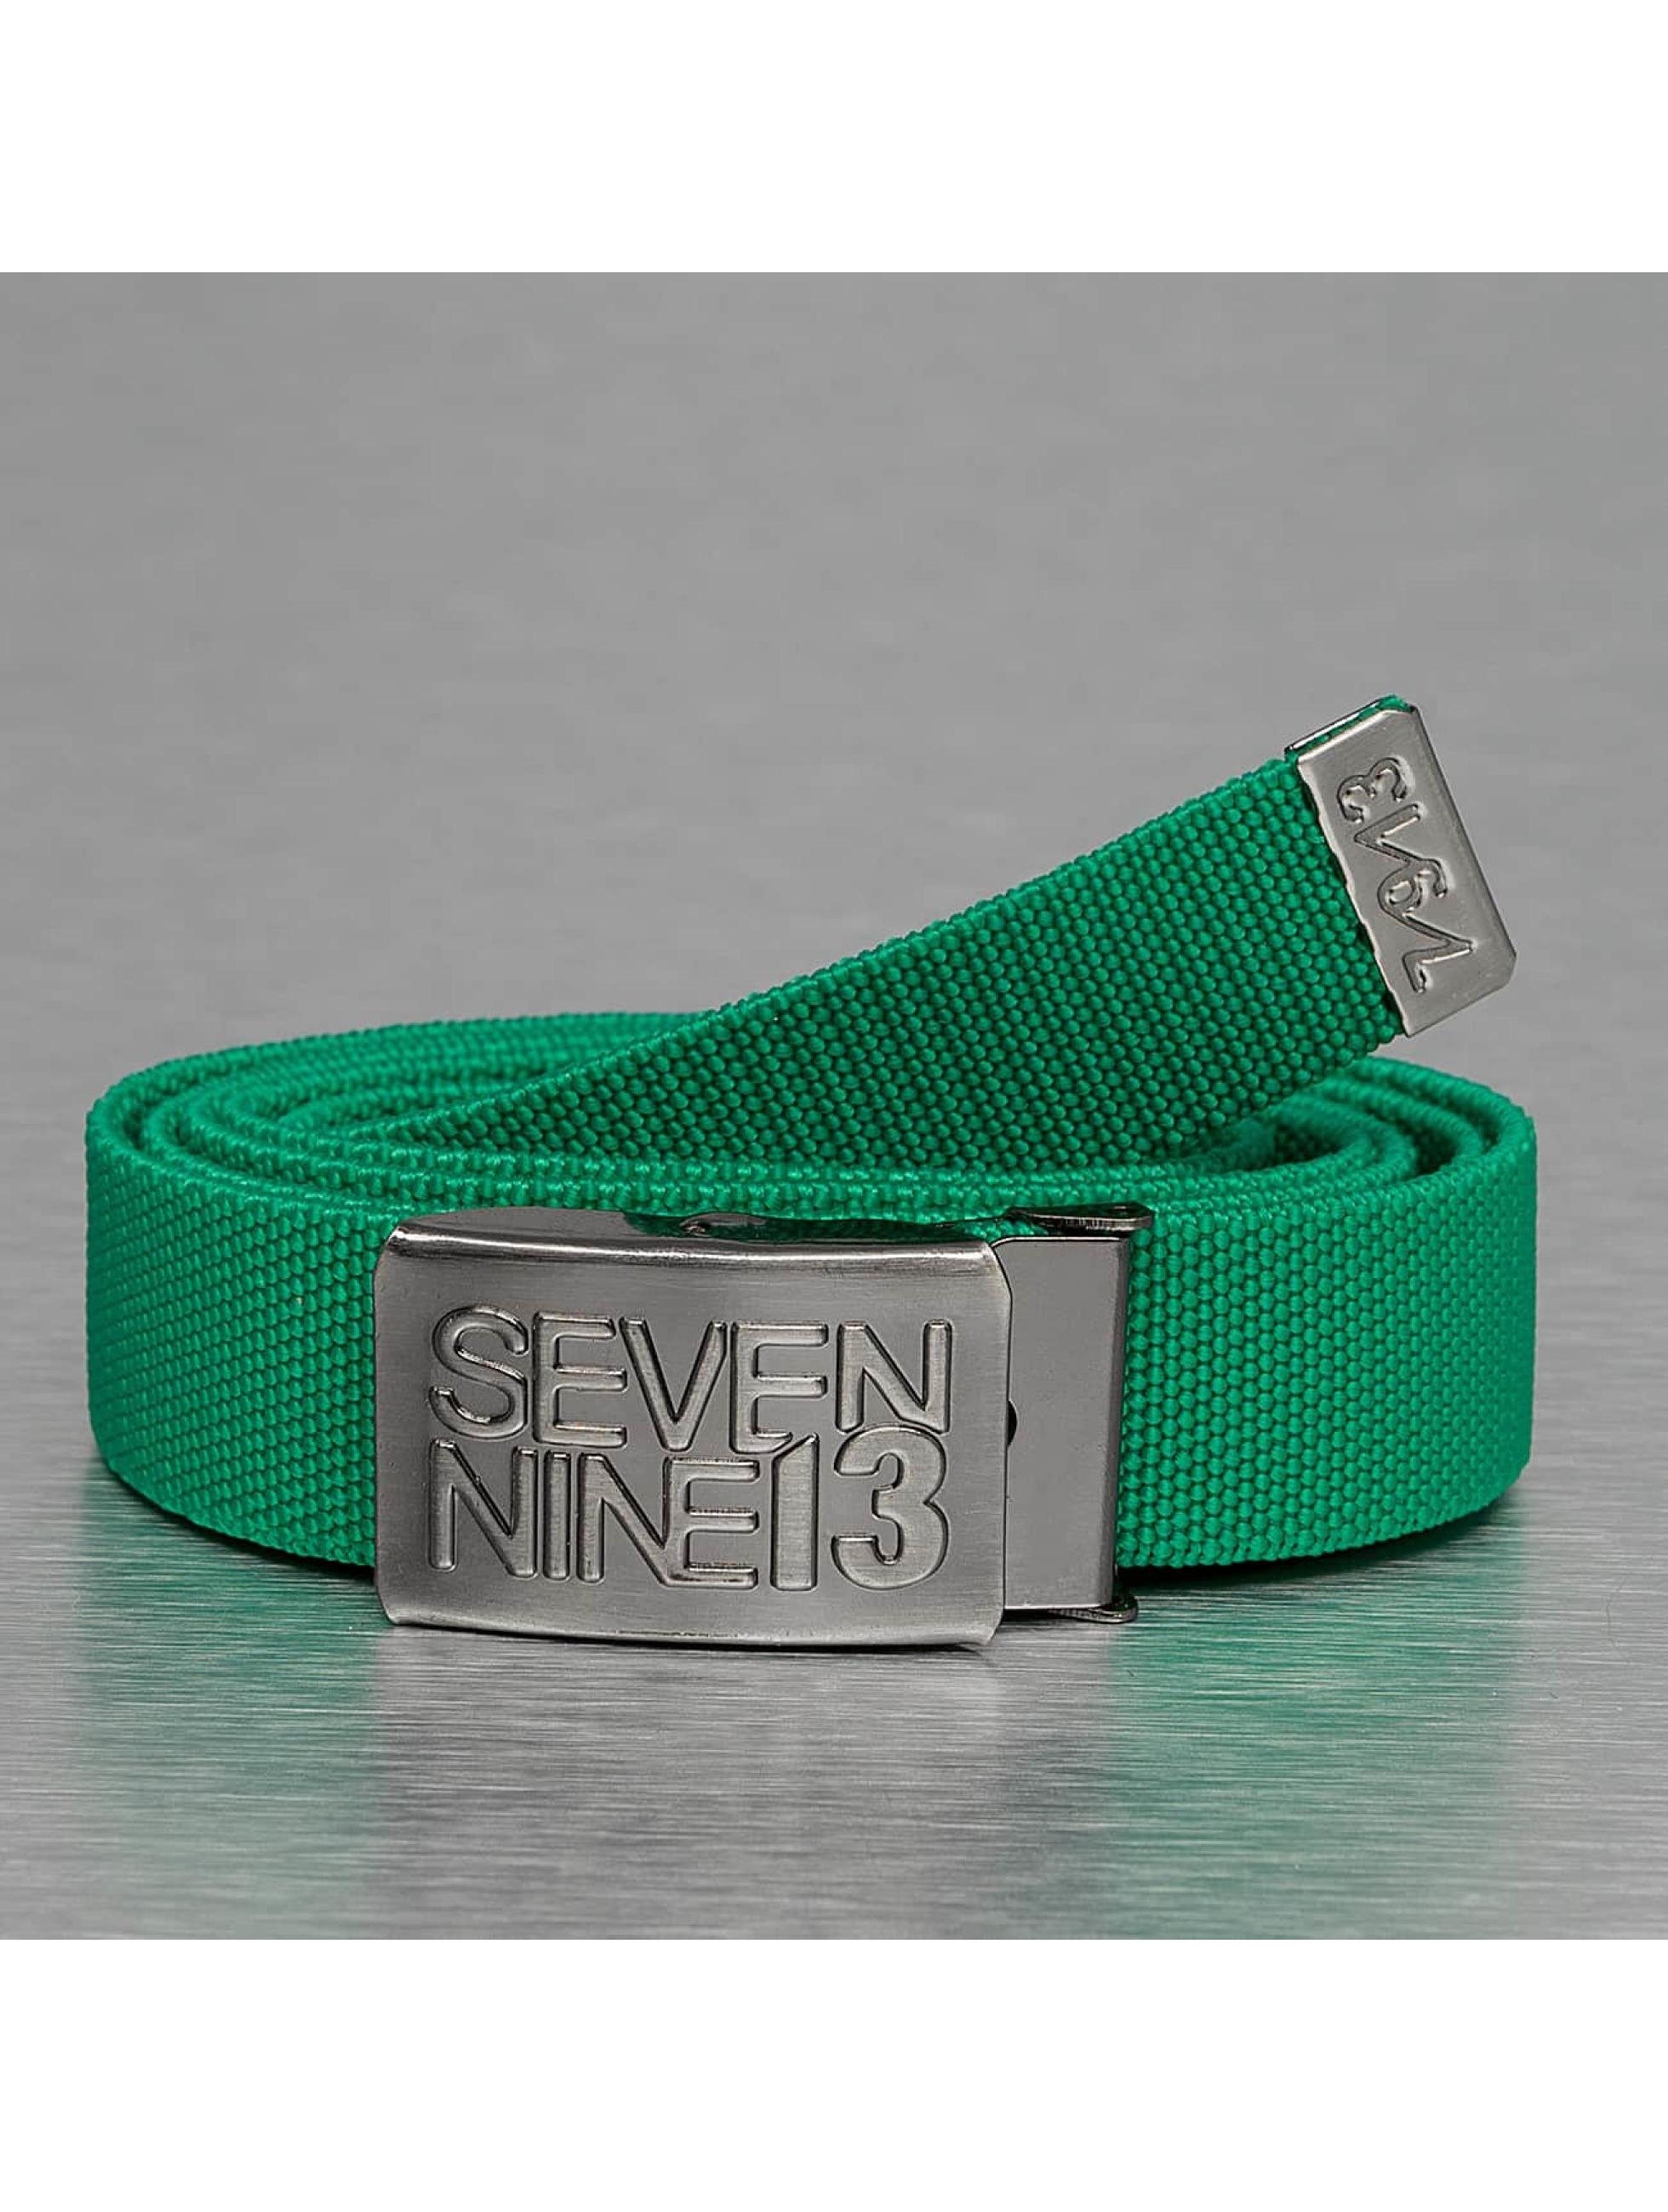 Seven Nine 13 Paski Jaws Stretch zielony